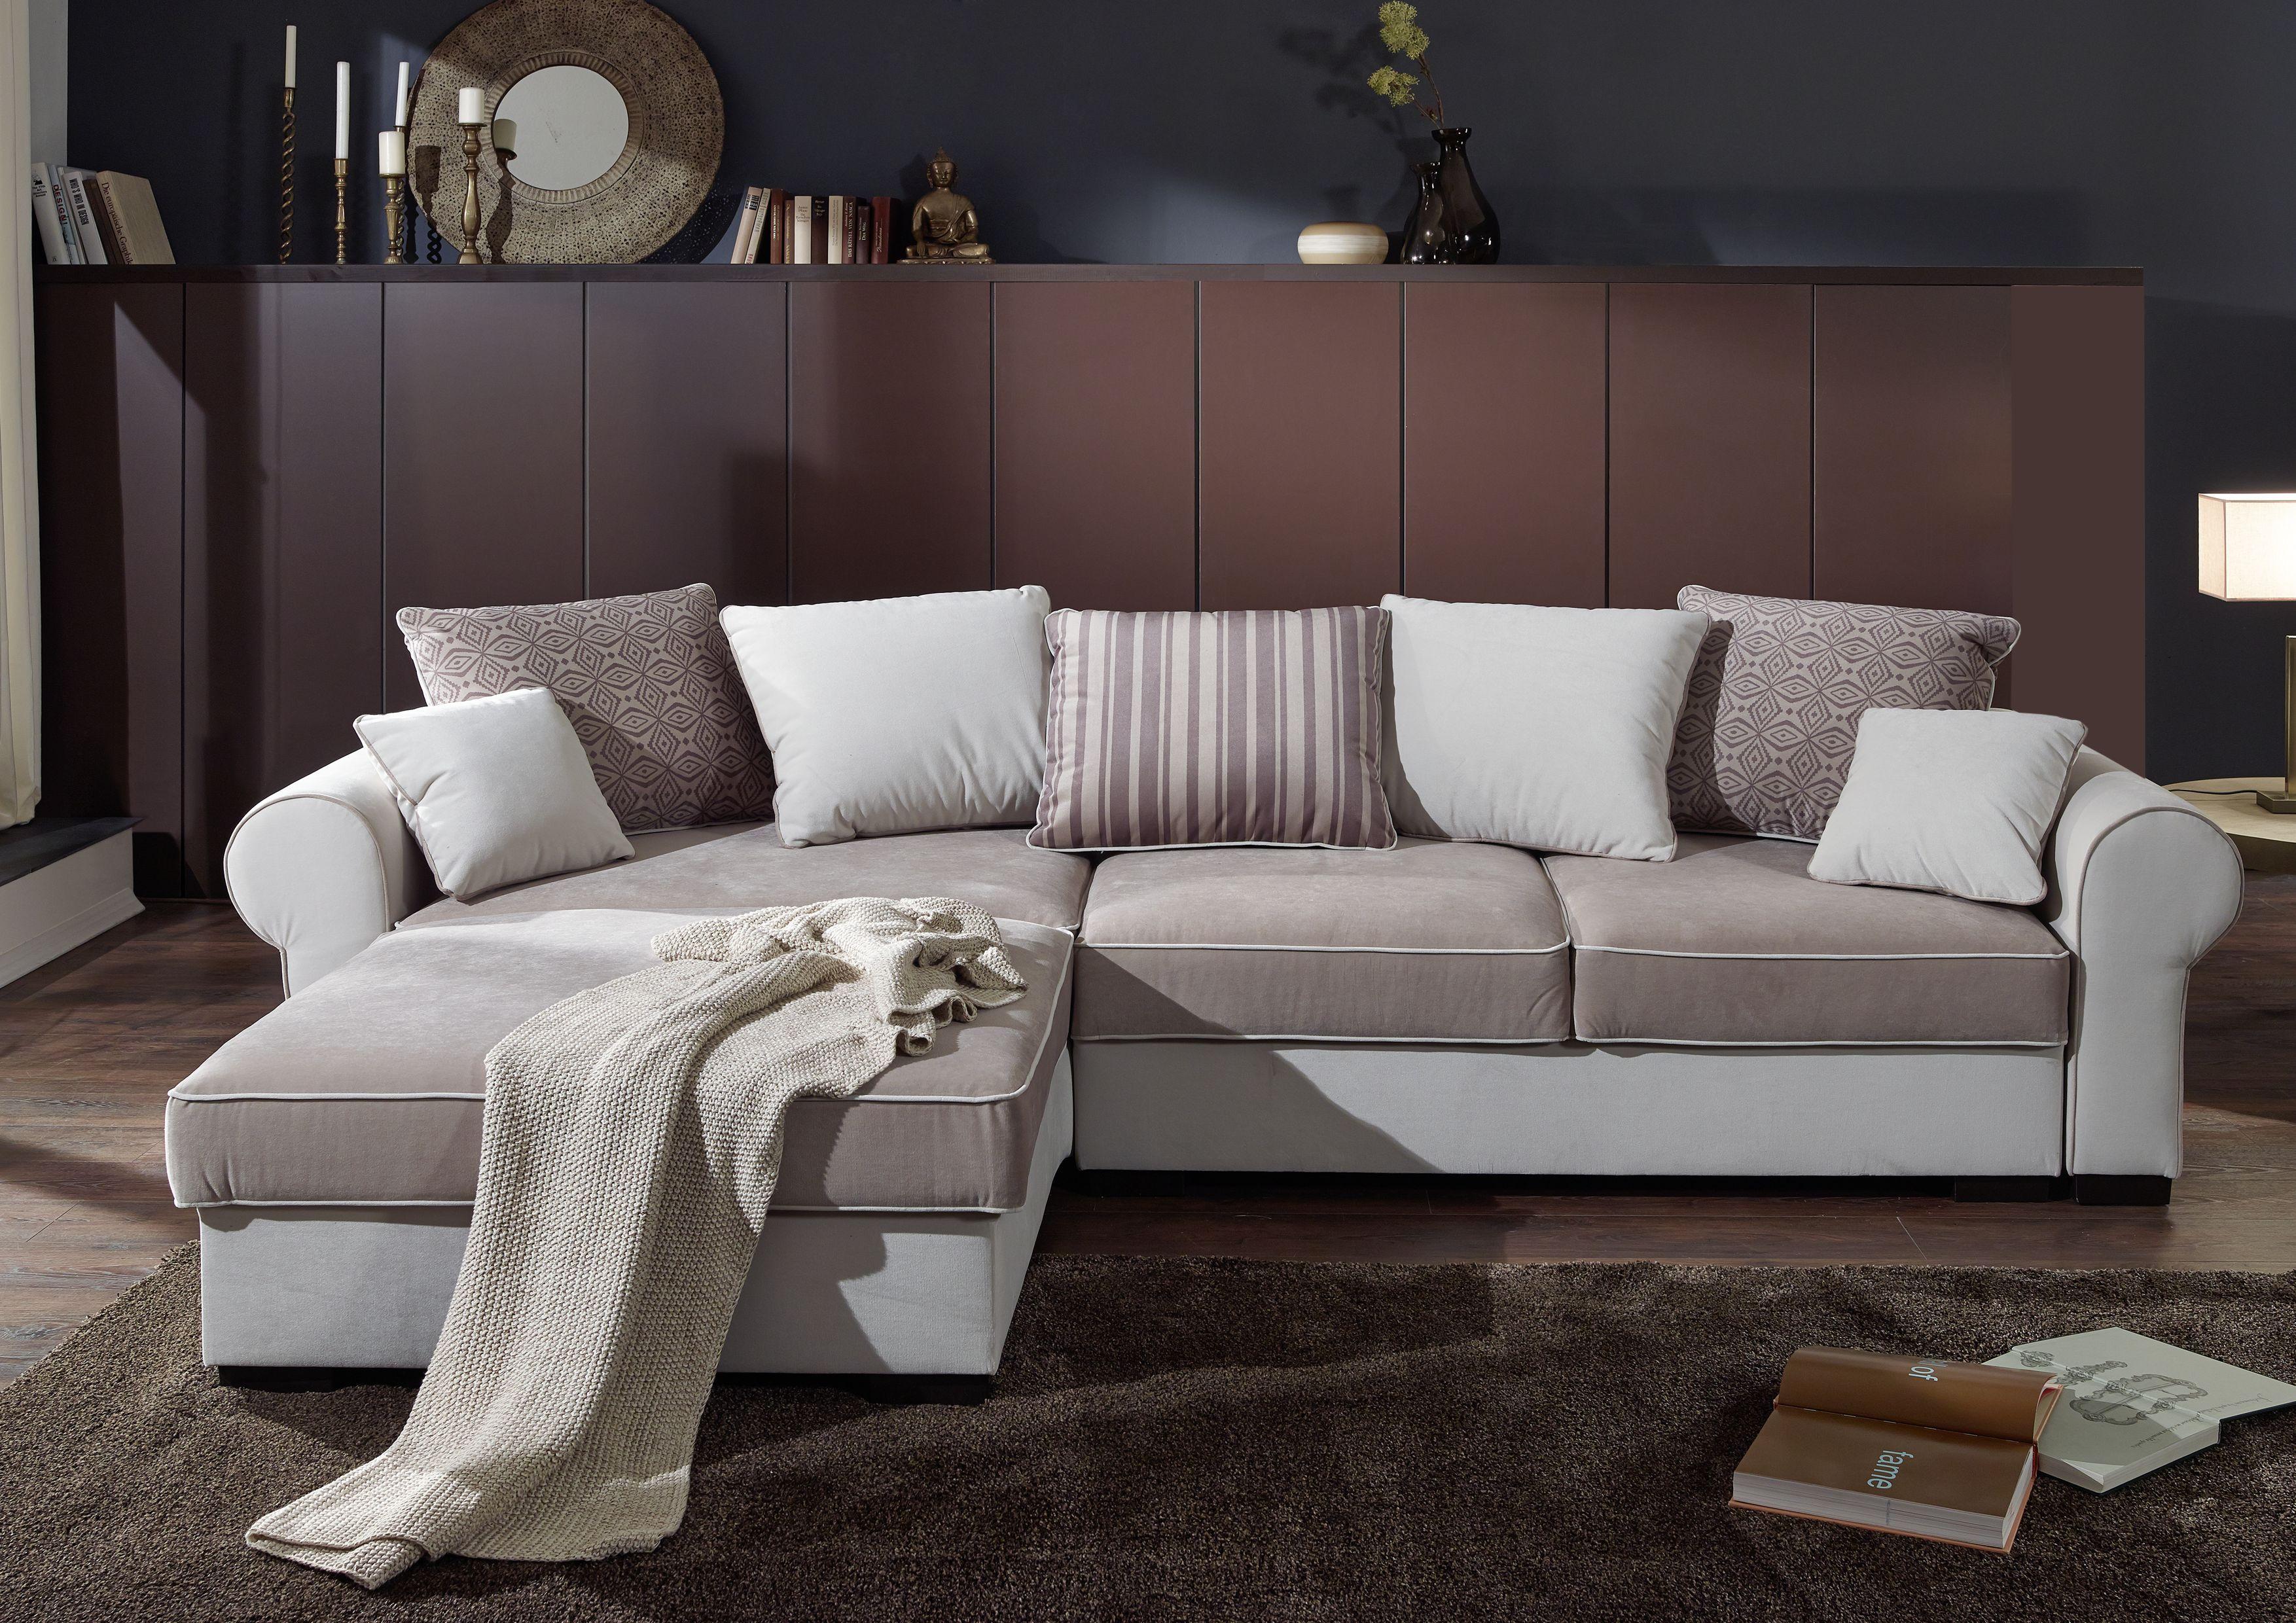 Wohnzimmer Klassisch ~ Klassische eckcouch mit schlaffunktion sofa couch möbel